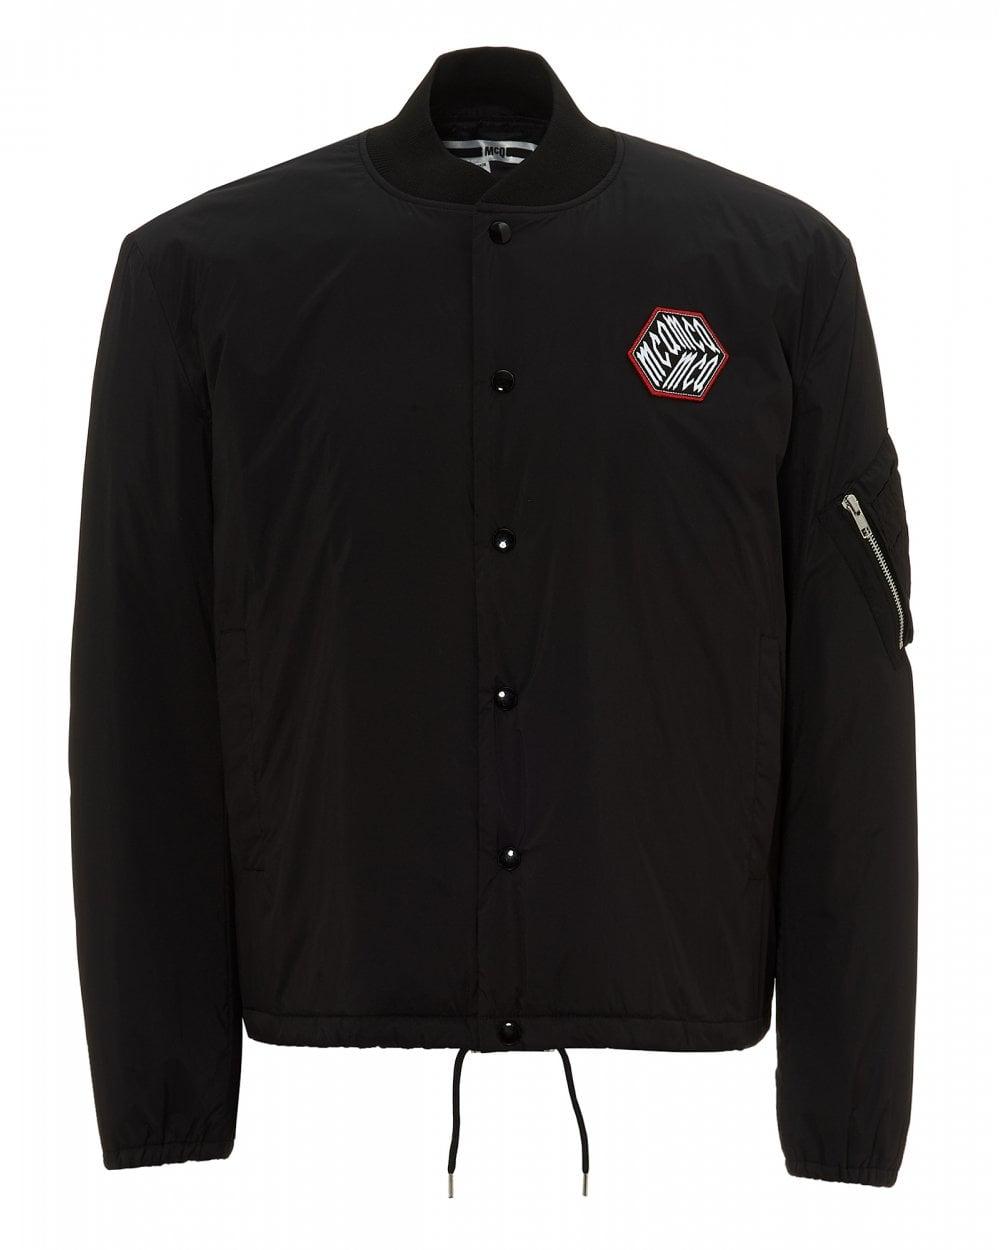 a64de9211 Mens MA1 Bomber Jacket, Arm Zip Darkest Black Jacket